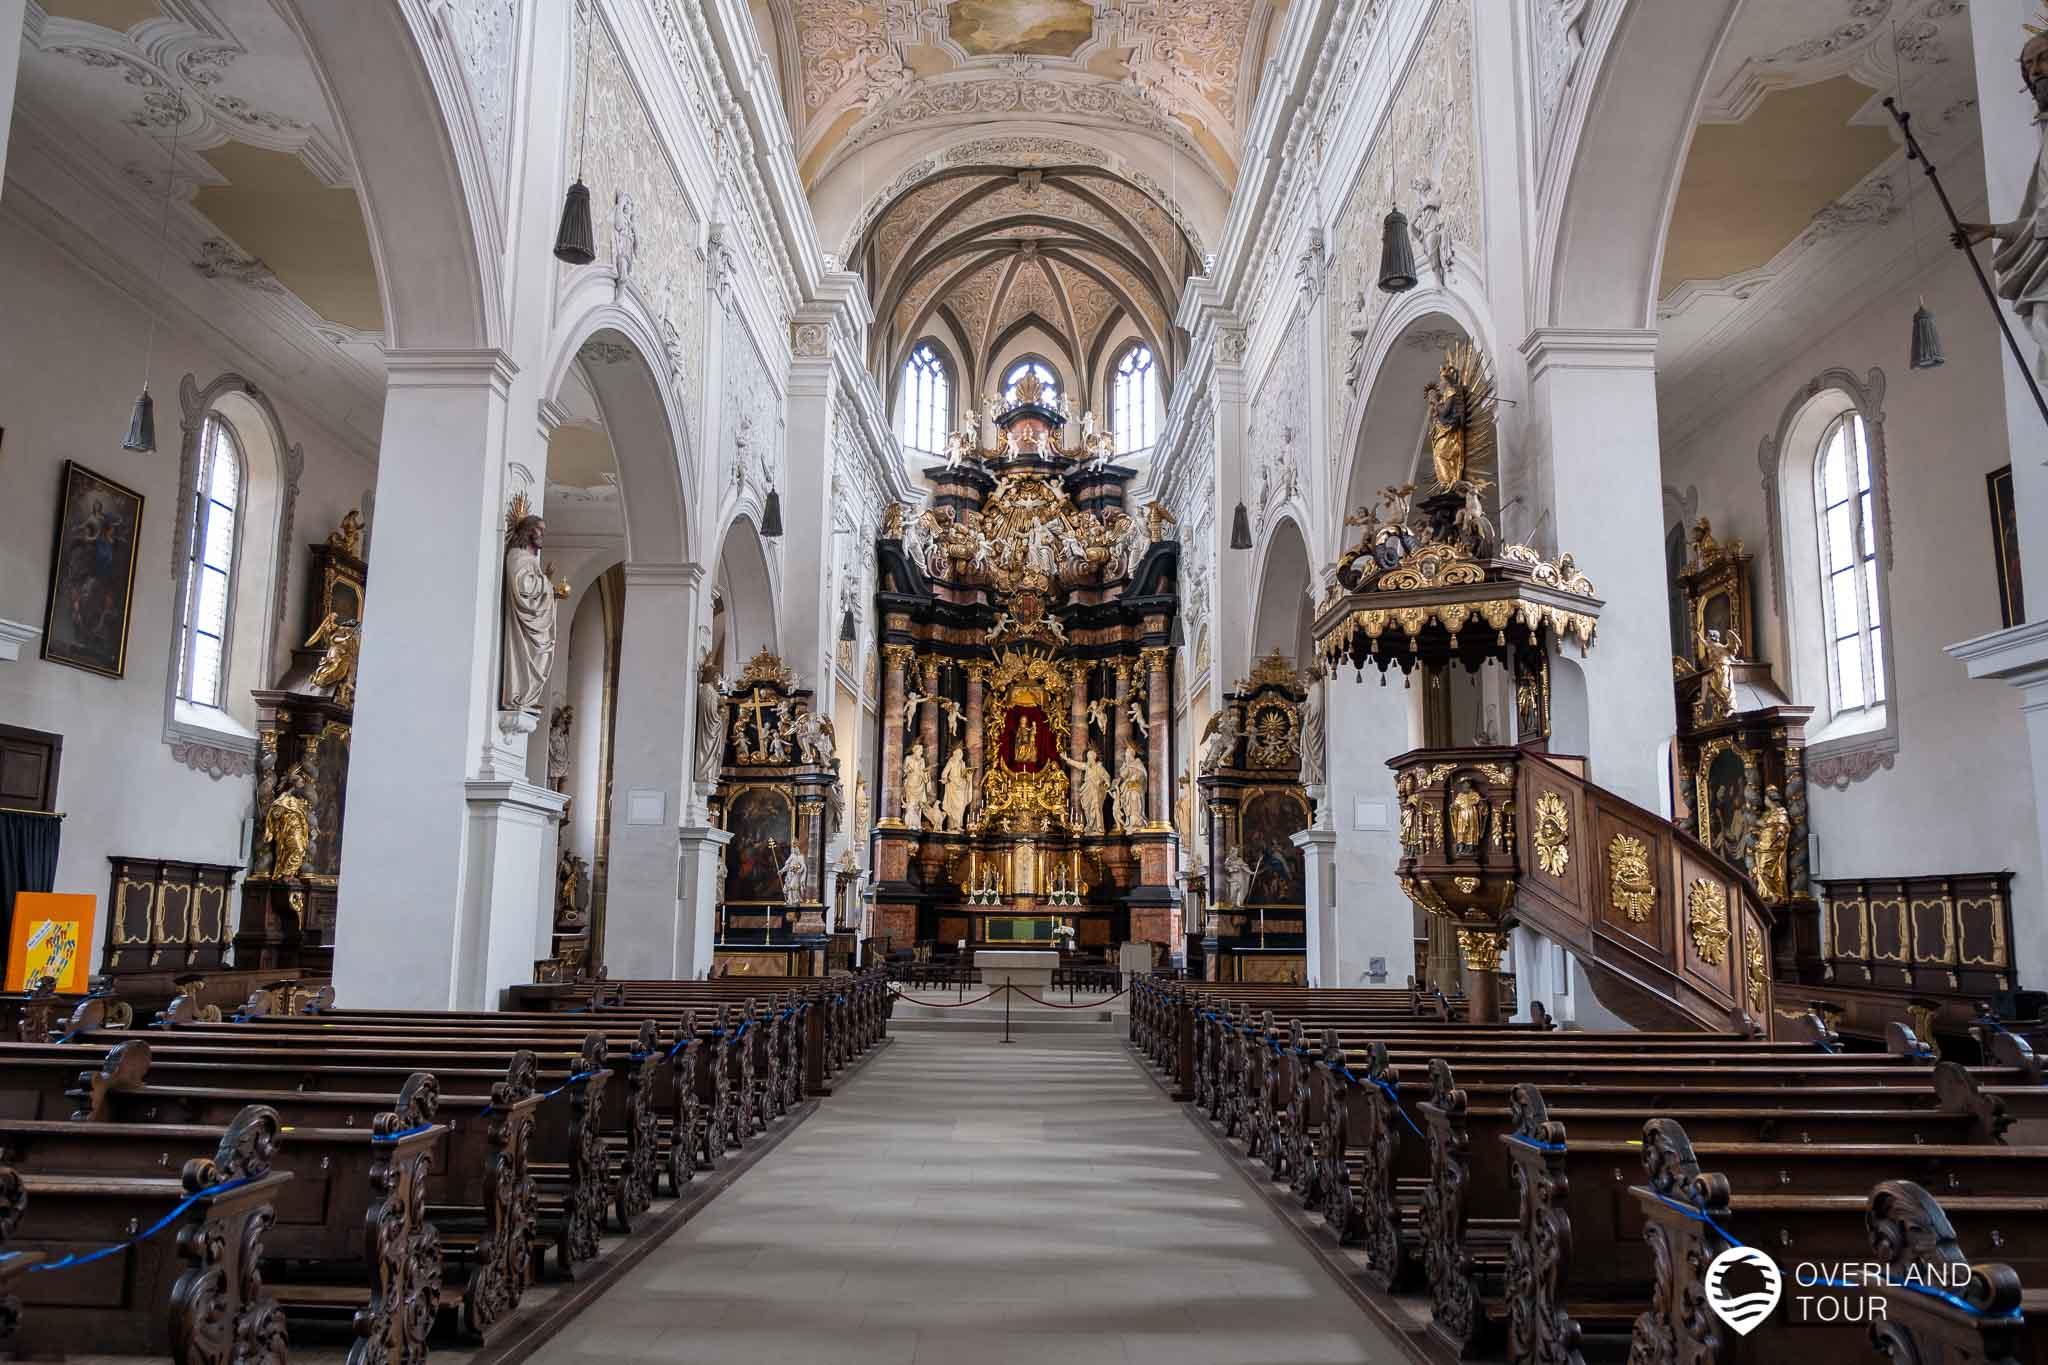 Die Obere Pfarre - Außen Gotik, innen Barock